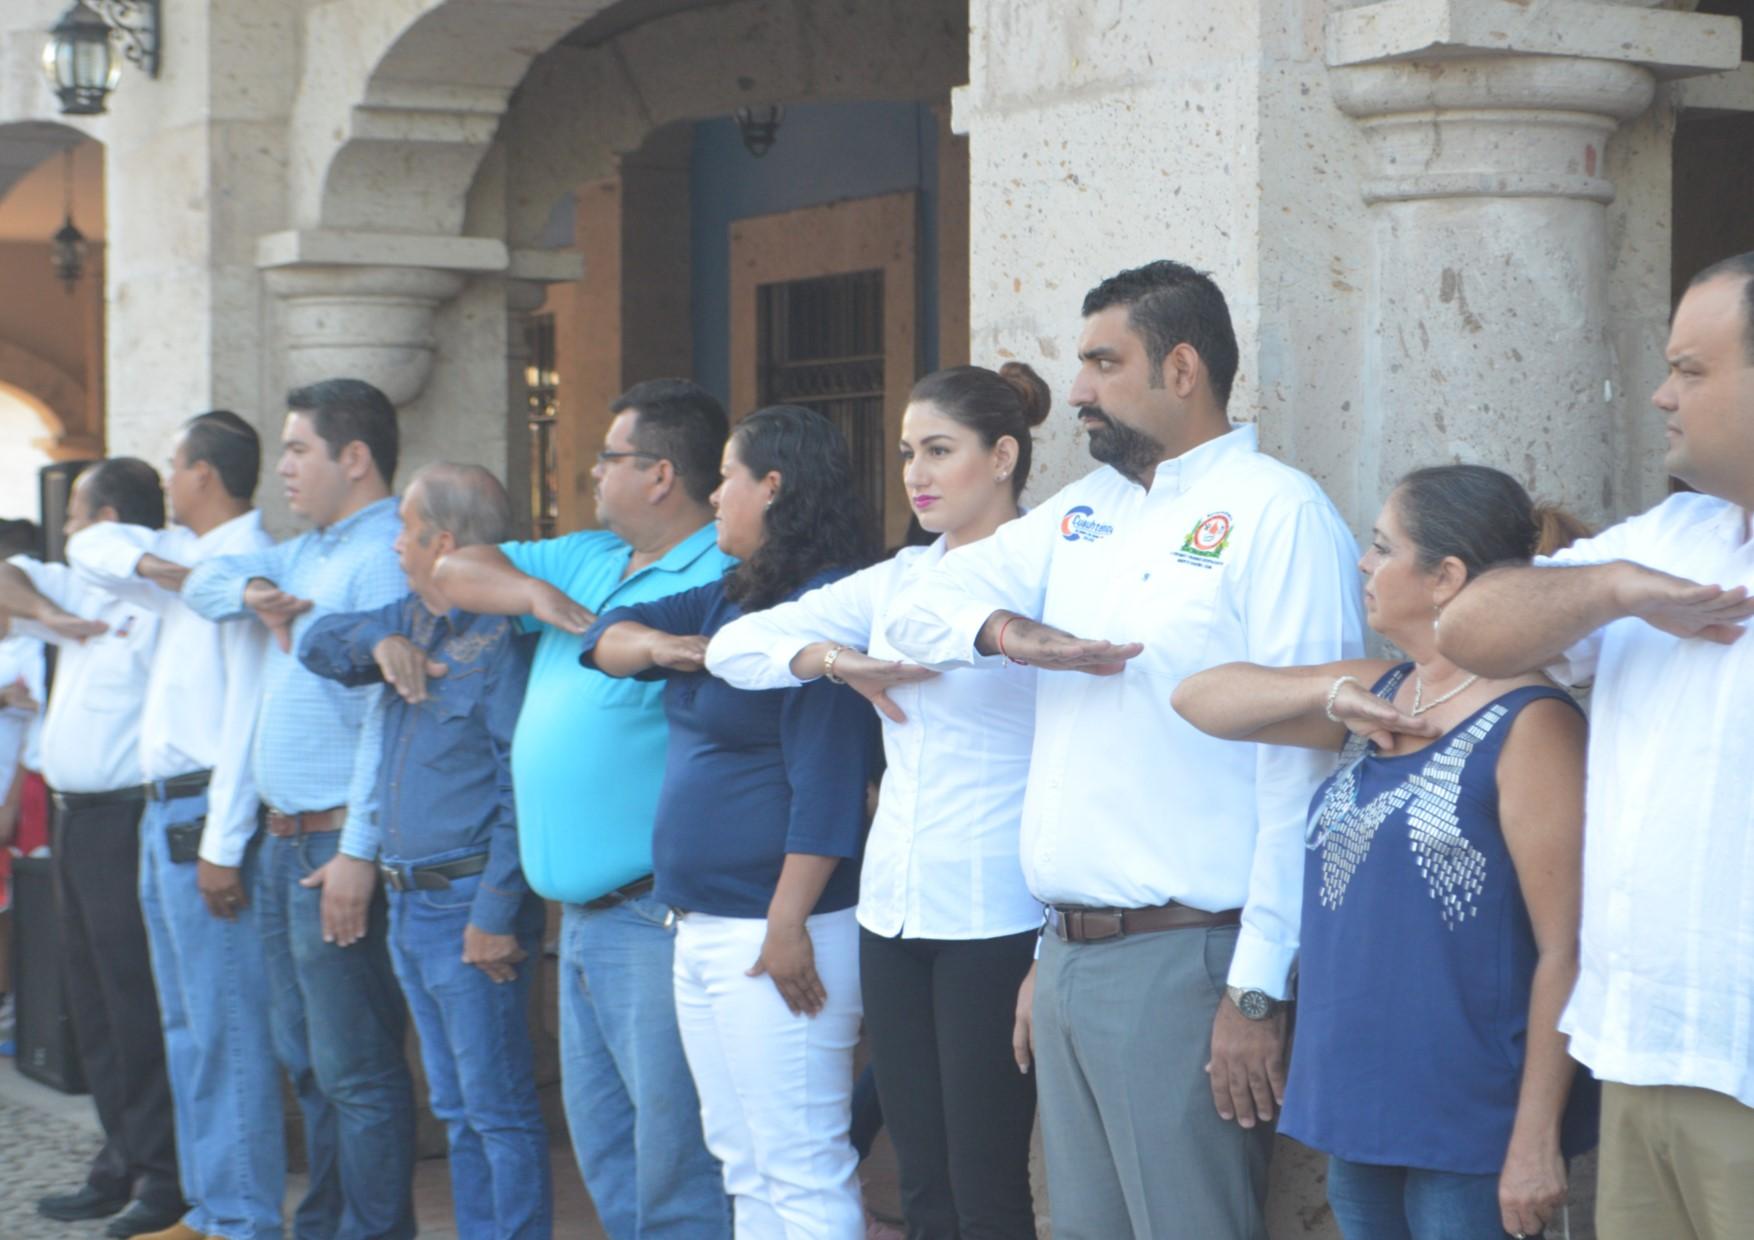 Para transformar la realidad actual tenemos el trabajo responsable y comprometido entre gobierno y comunidad: Rafael Mendoza